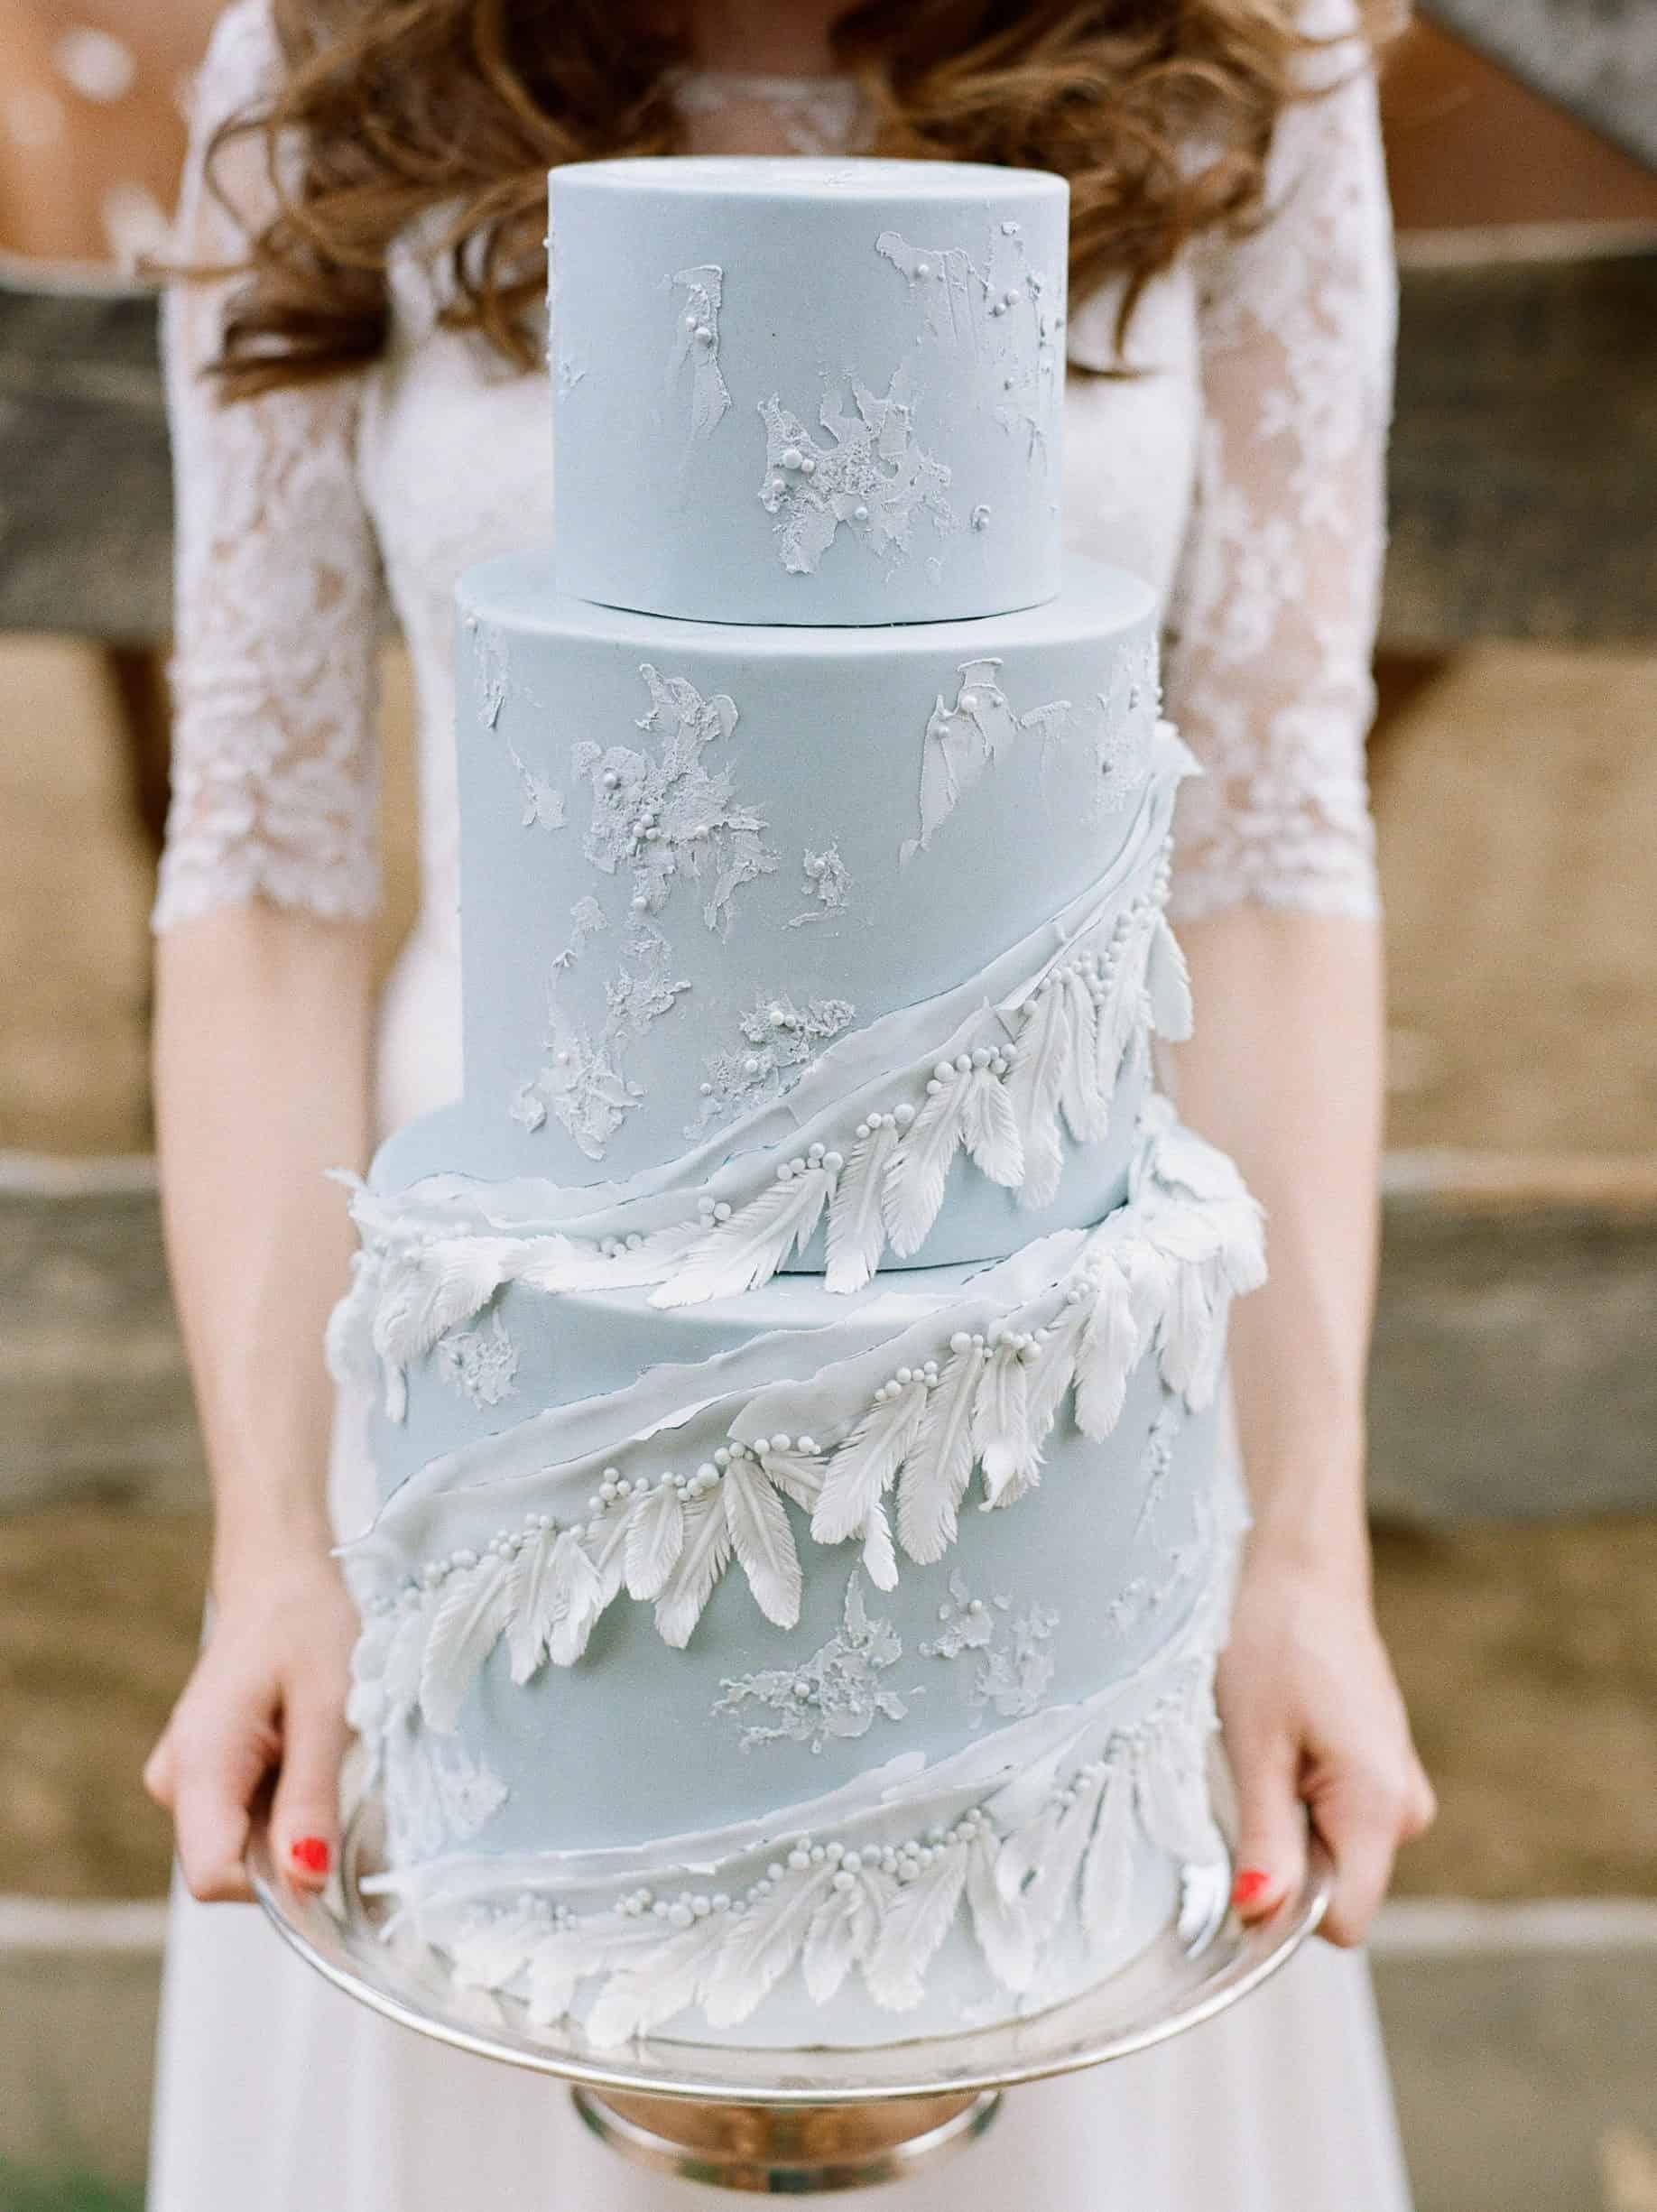 γαλάζια γαμήλια τούρτα με φτερά